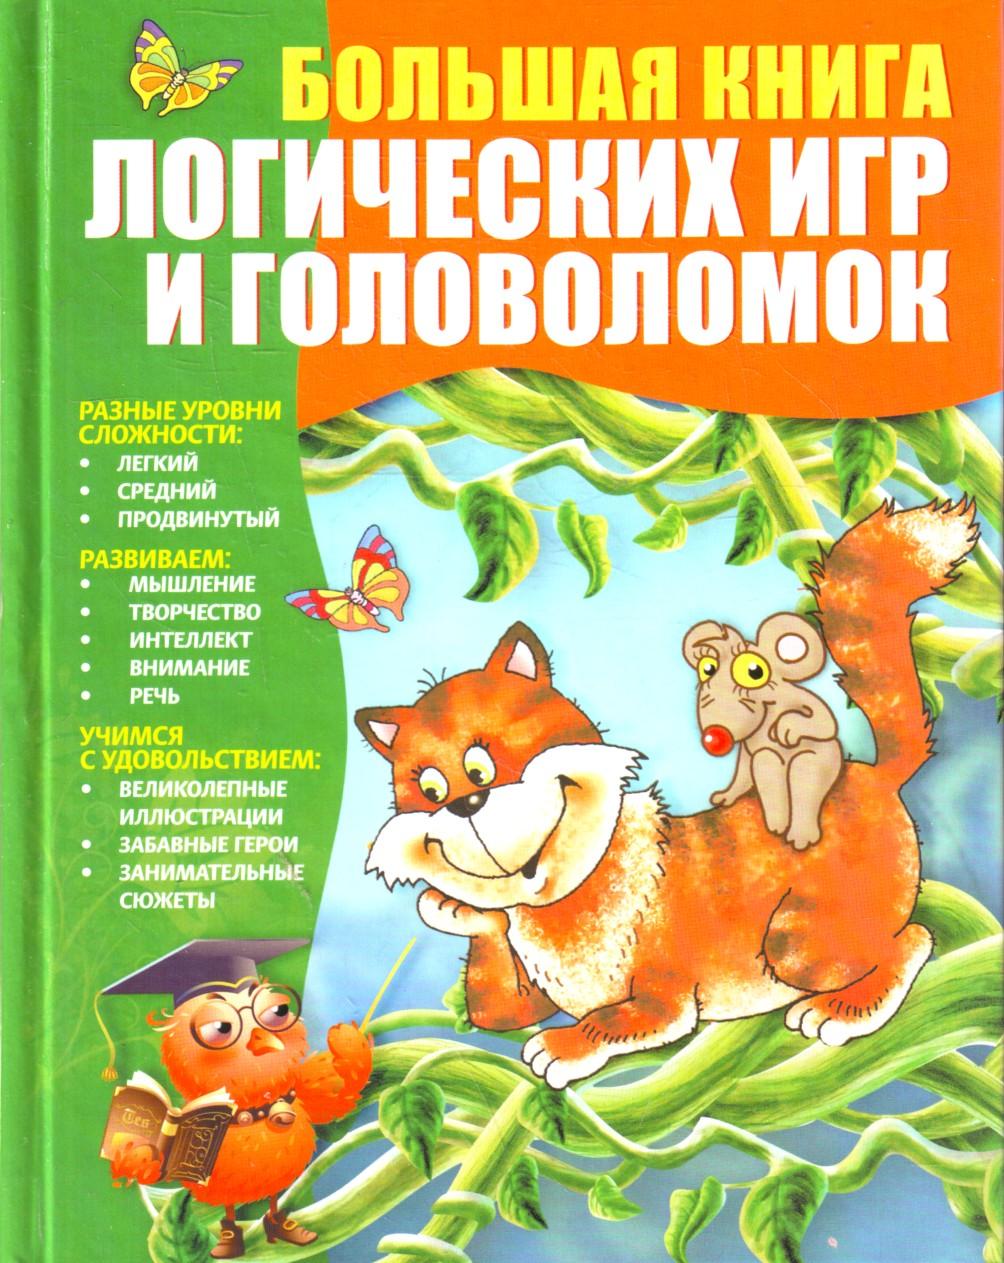 Bolshaja kniga logicheskikh igr i golovolomok.